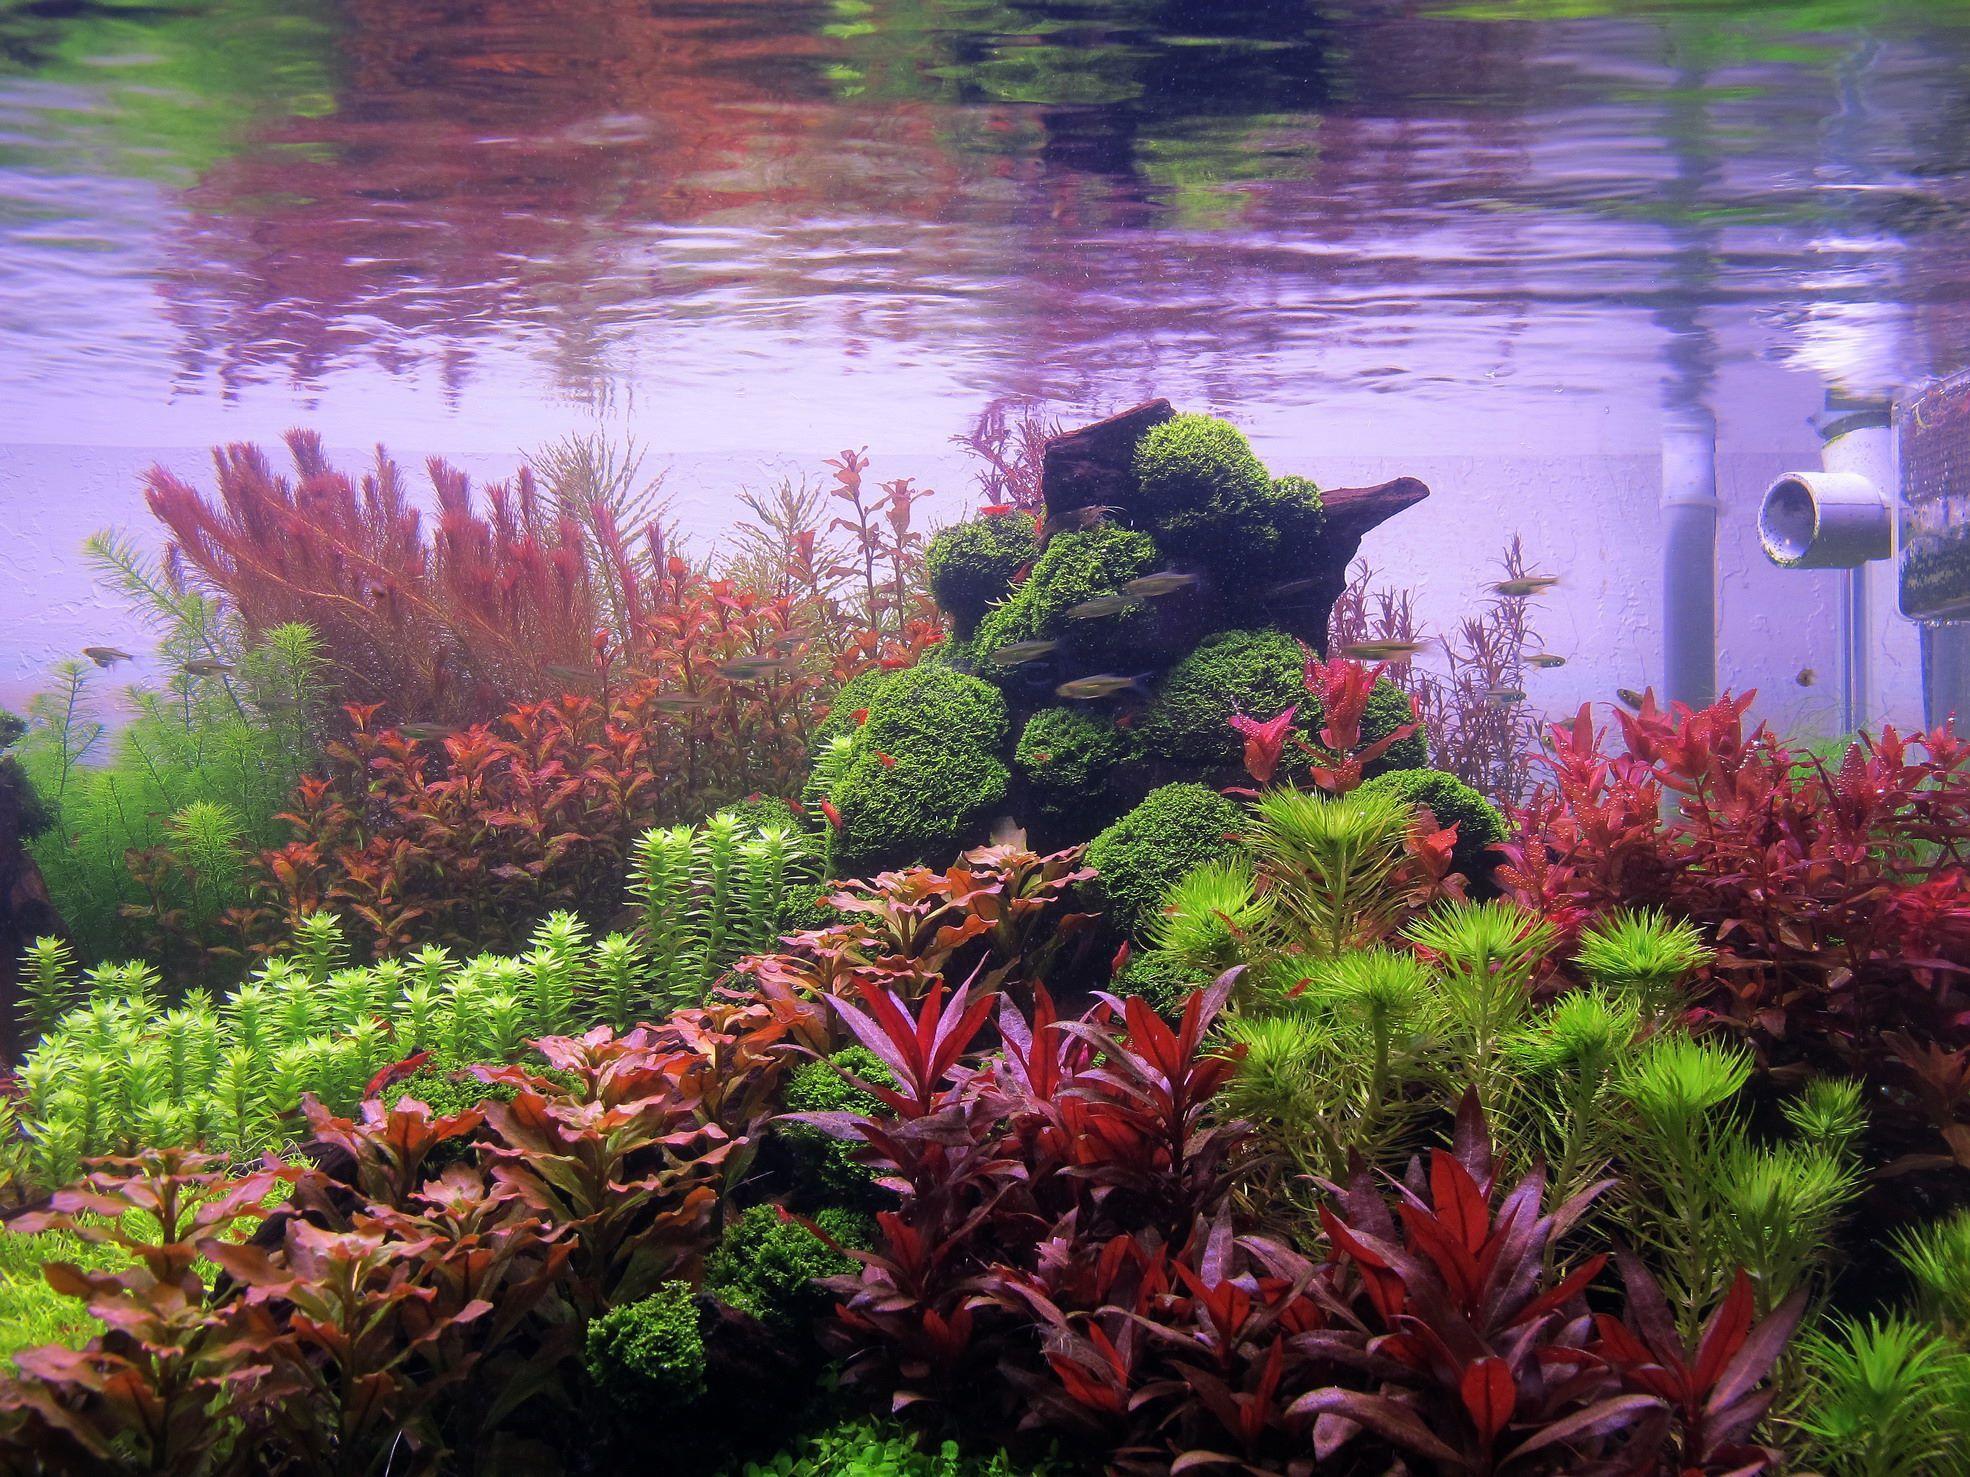 120 Gallonen Holländer etwas oder eine andere Gepflanzt Aquarium Pflanzen… H Lan